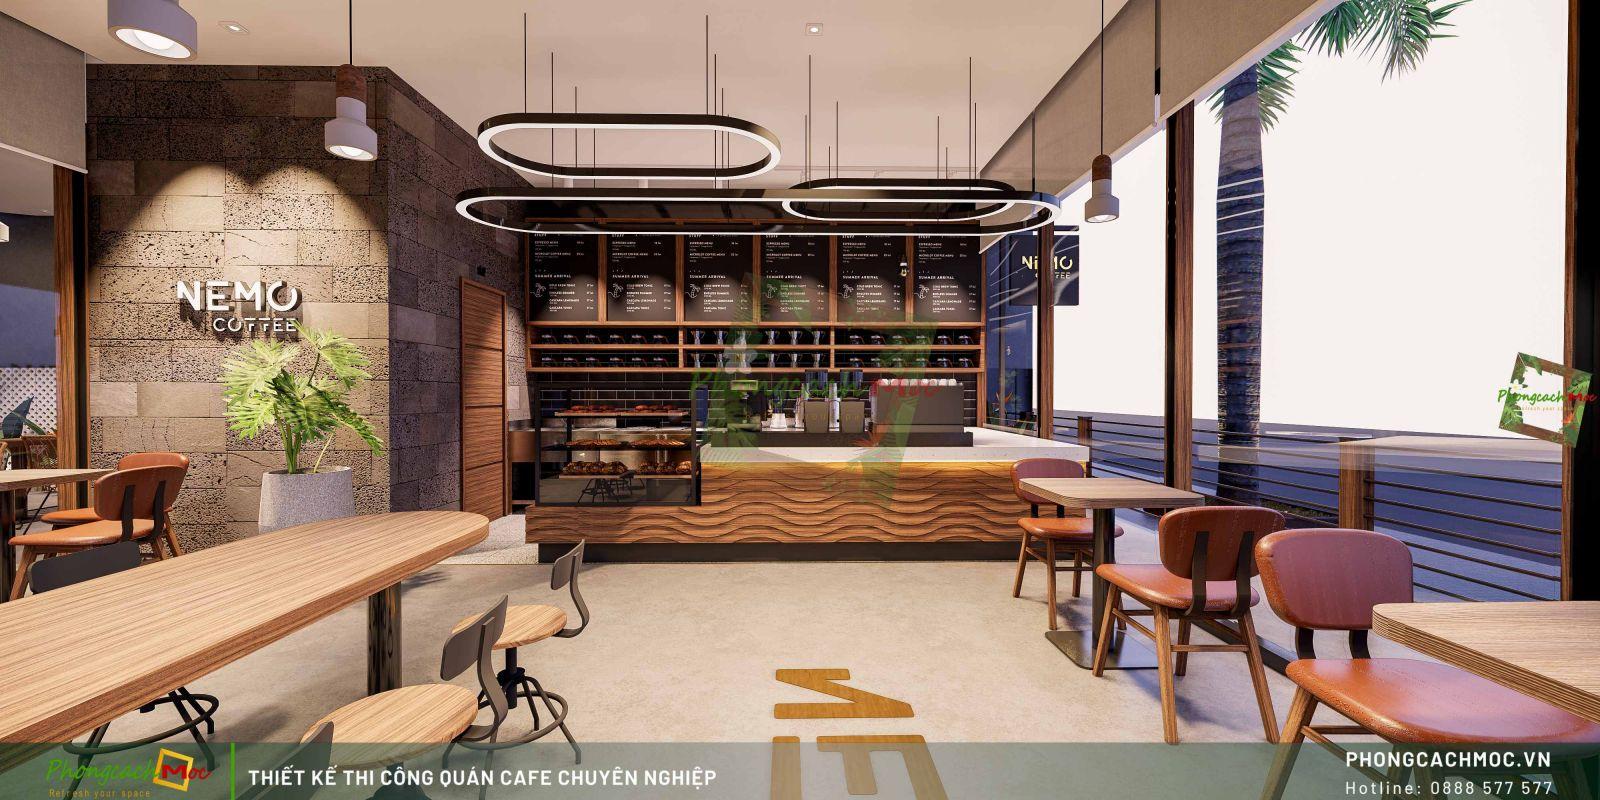 Thiết kế không gian khu cafe máy lạnh Nemo